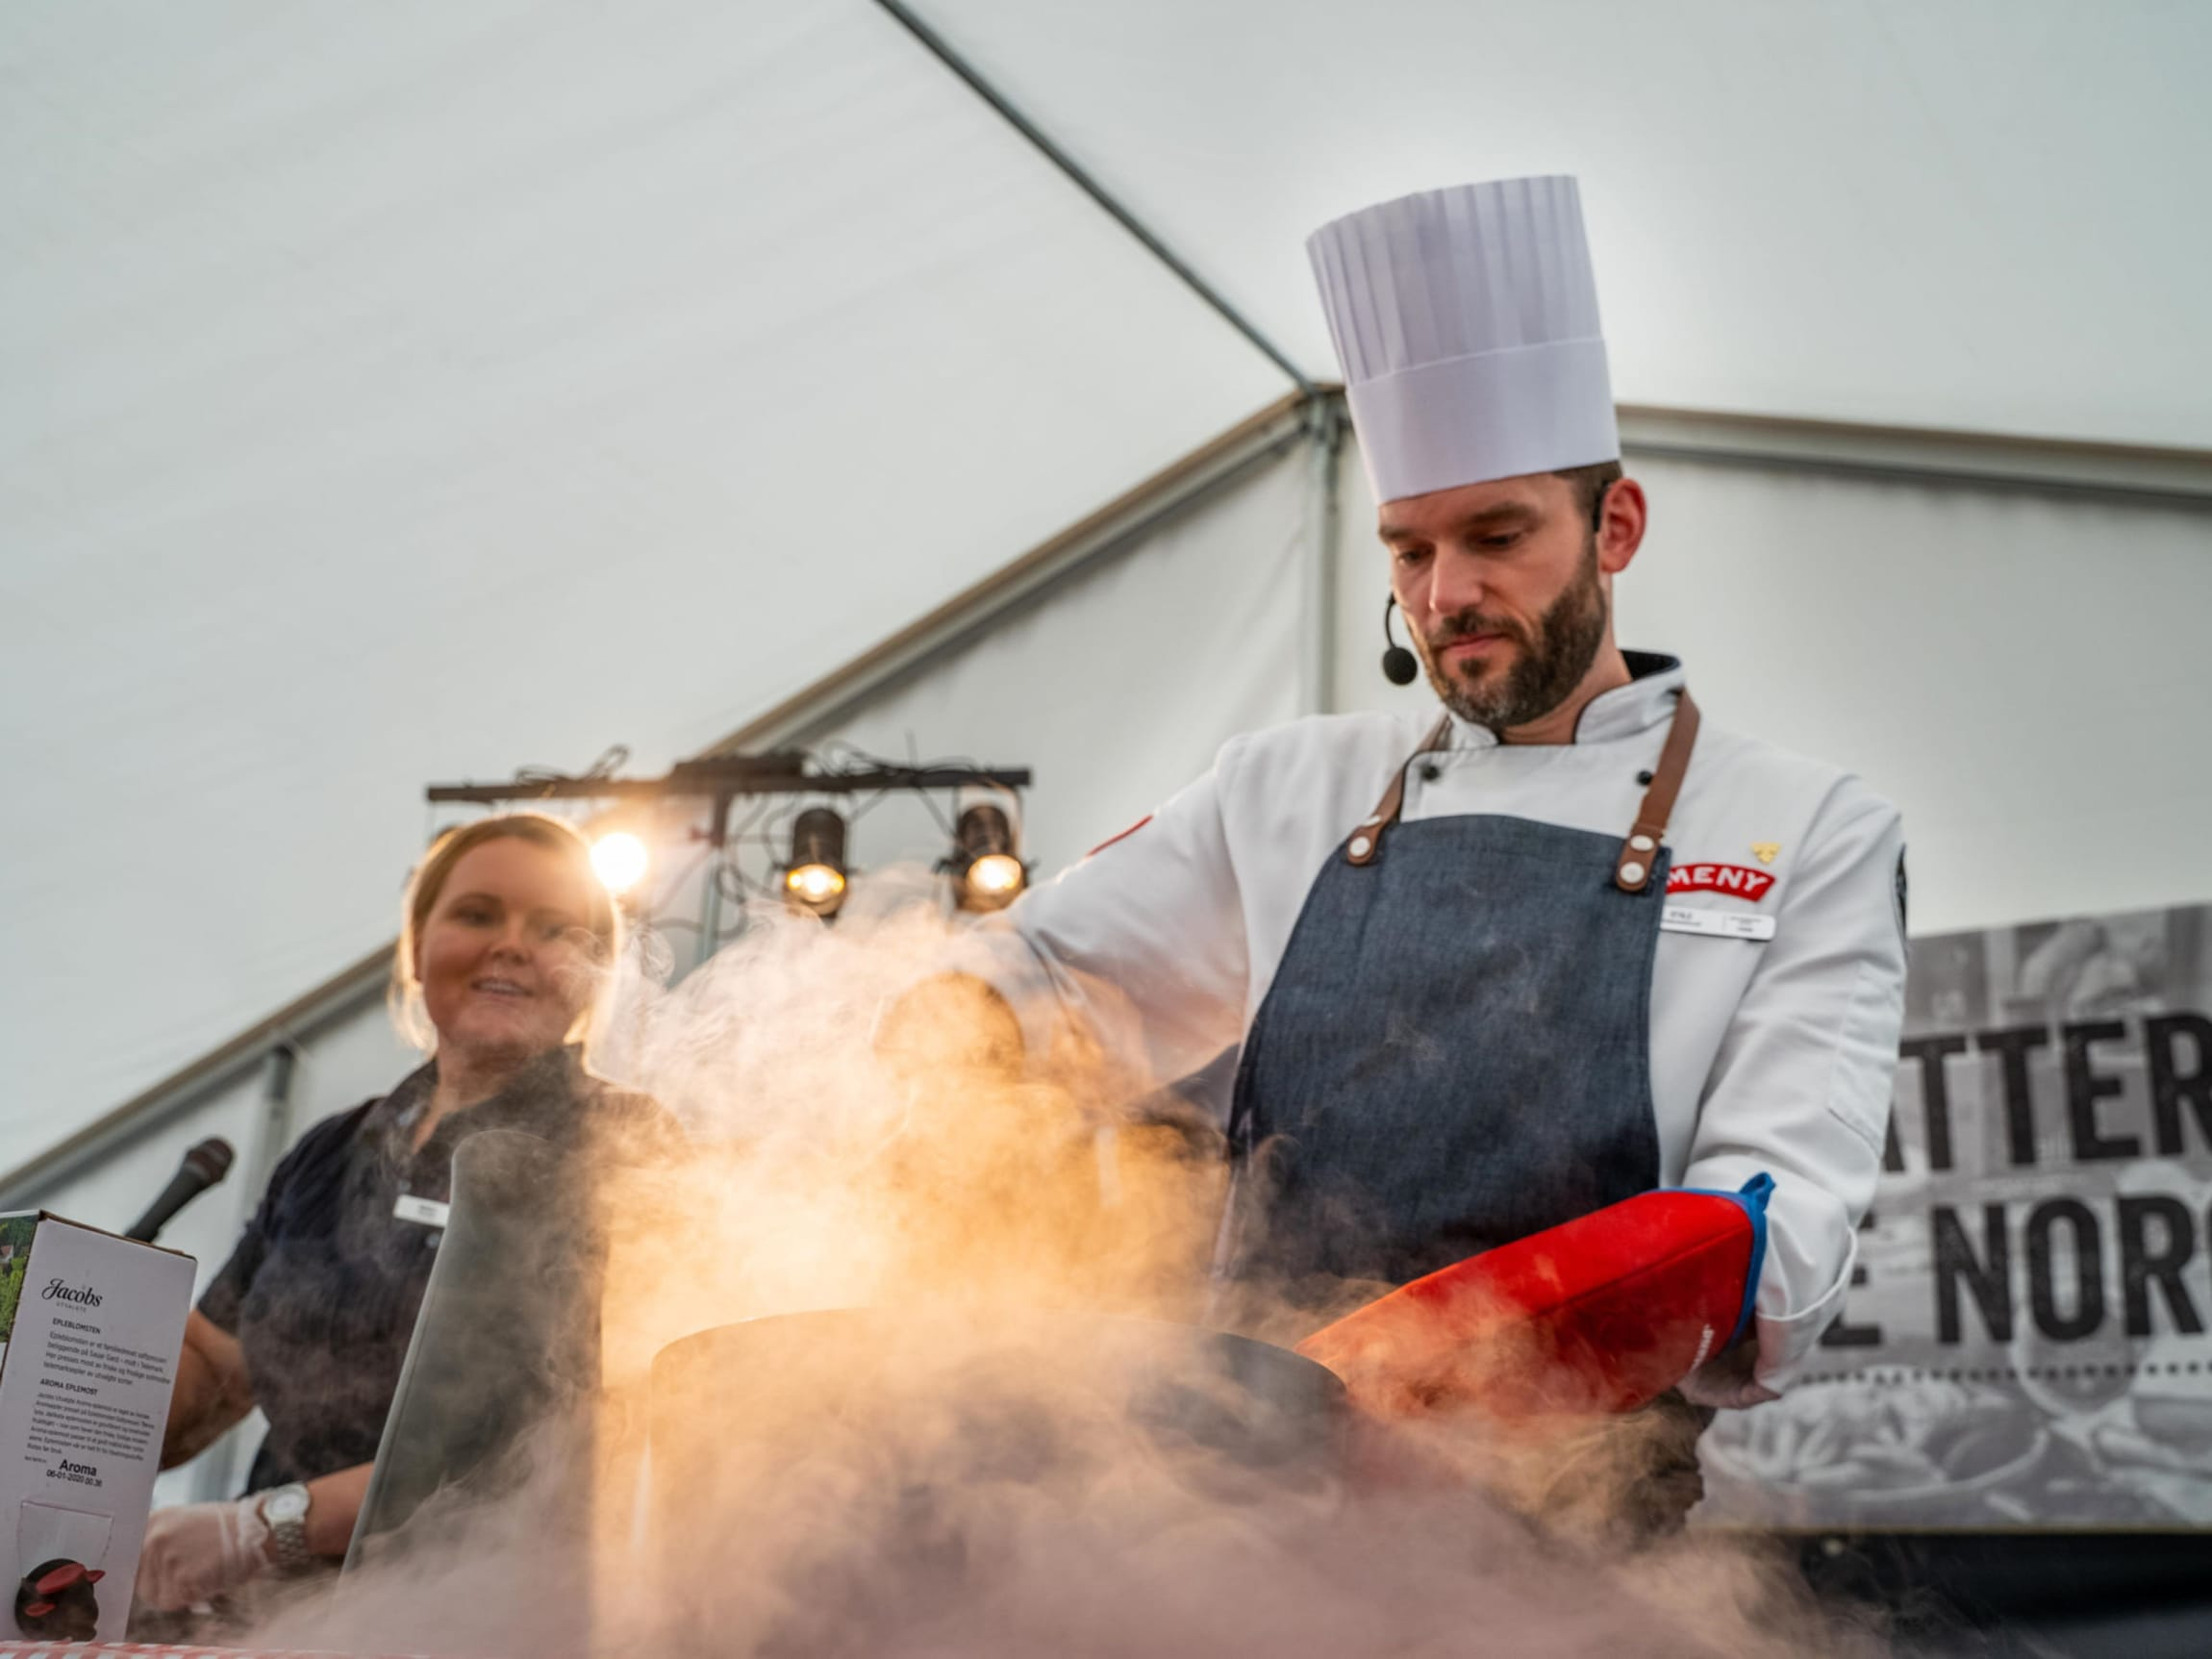 Butikksjef Monica Kjendalen og Ståle Sandvik viser publikum hvordan man lager eplesorbet på den årlige matfestivalen for Solsiden.